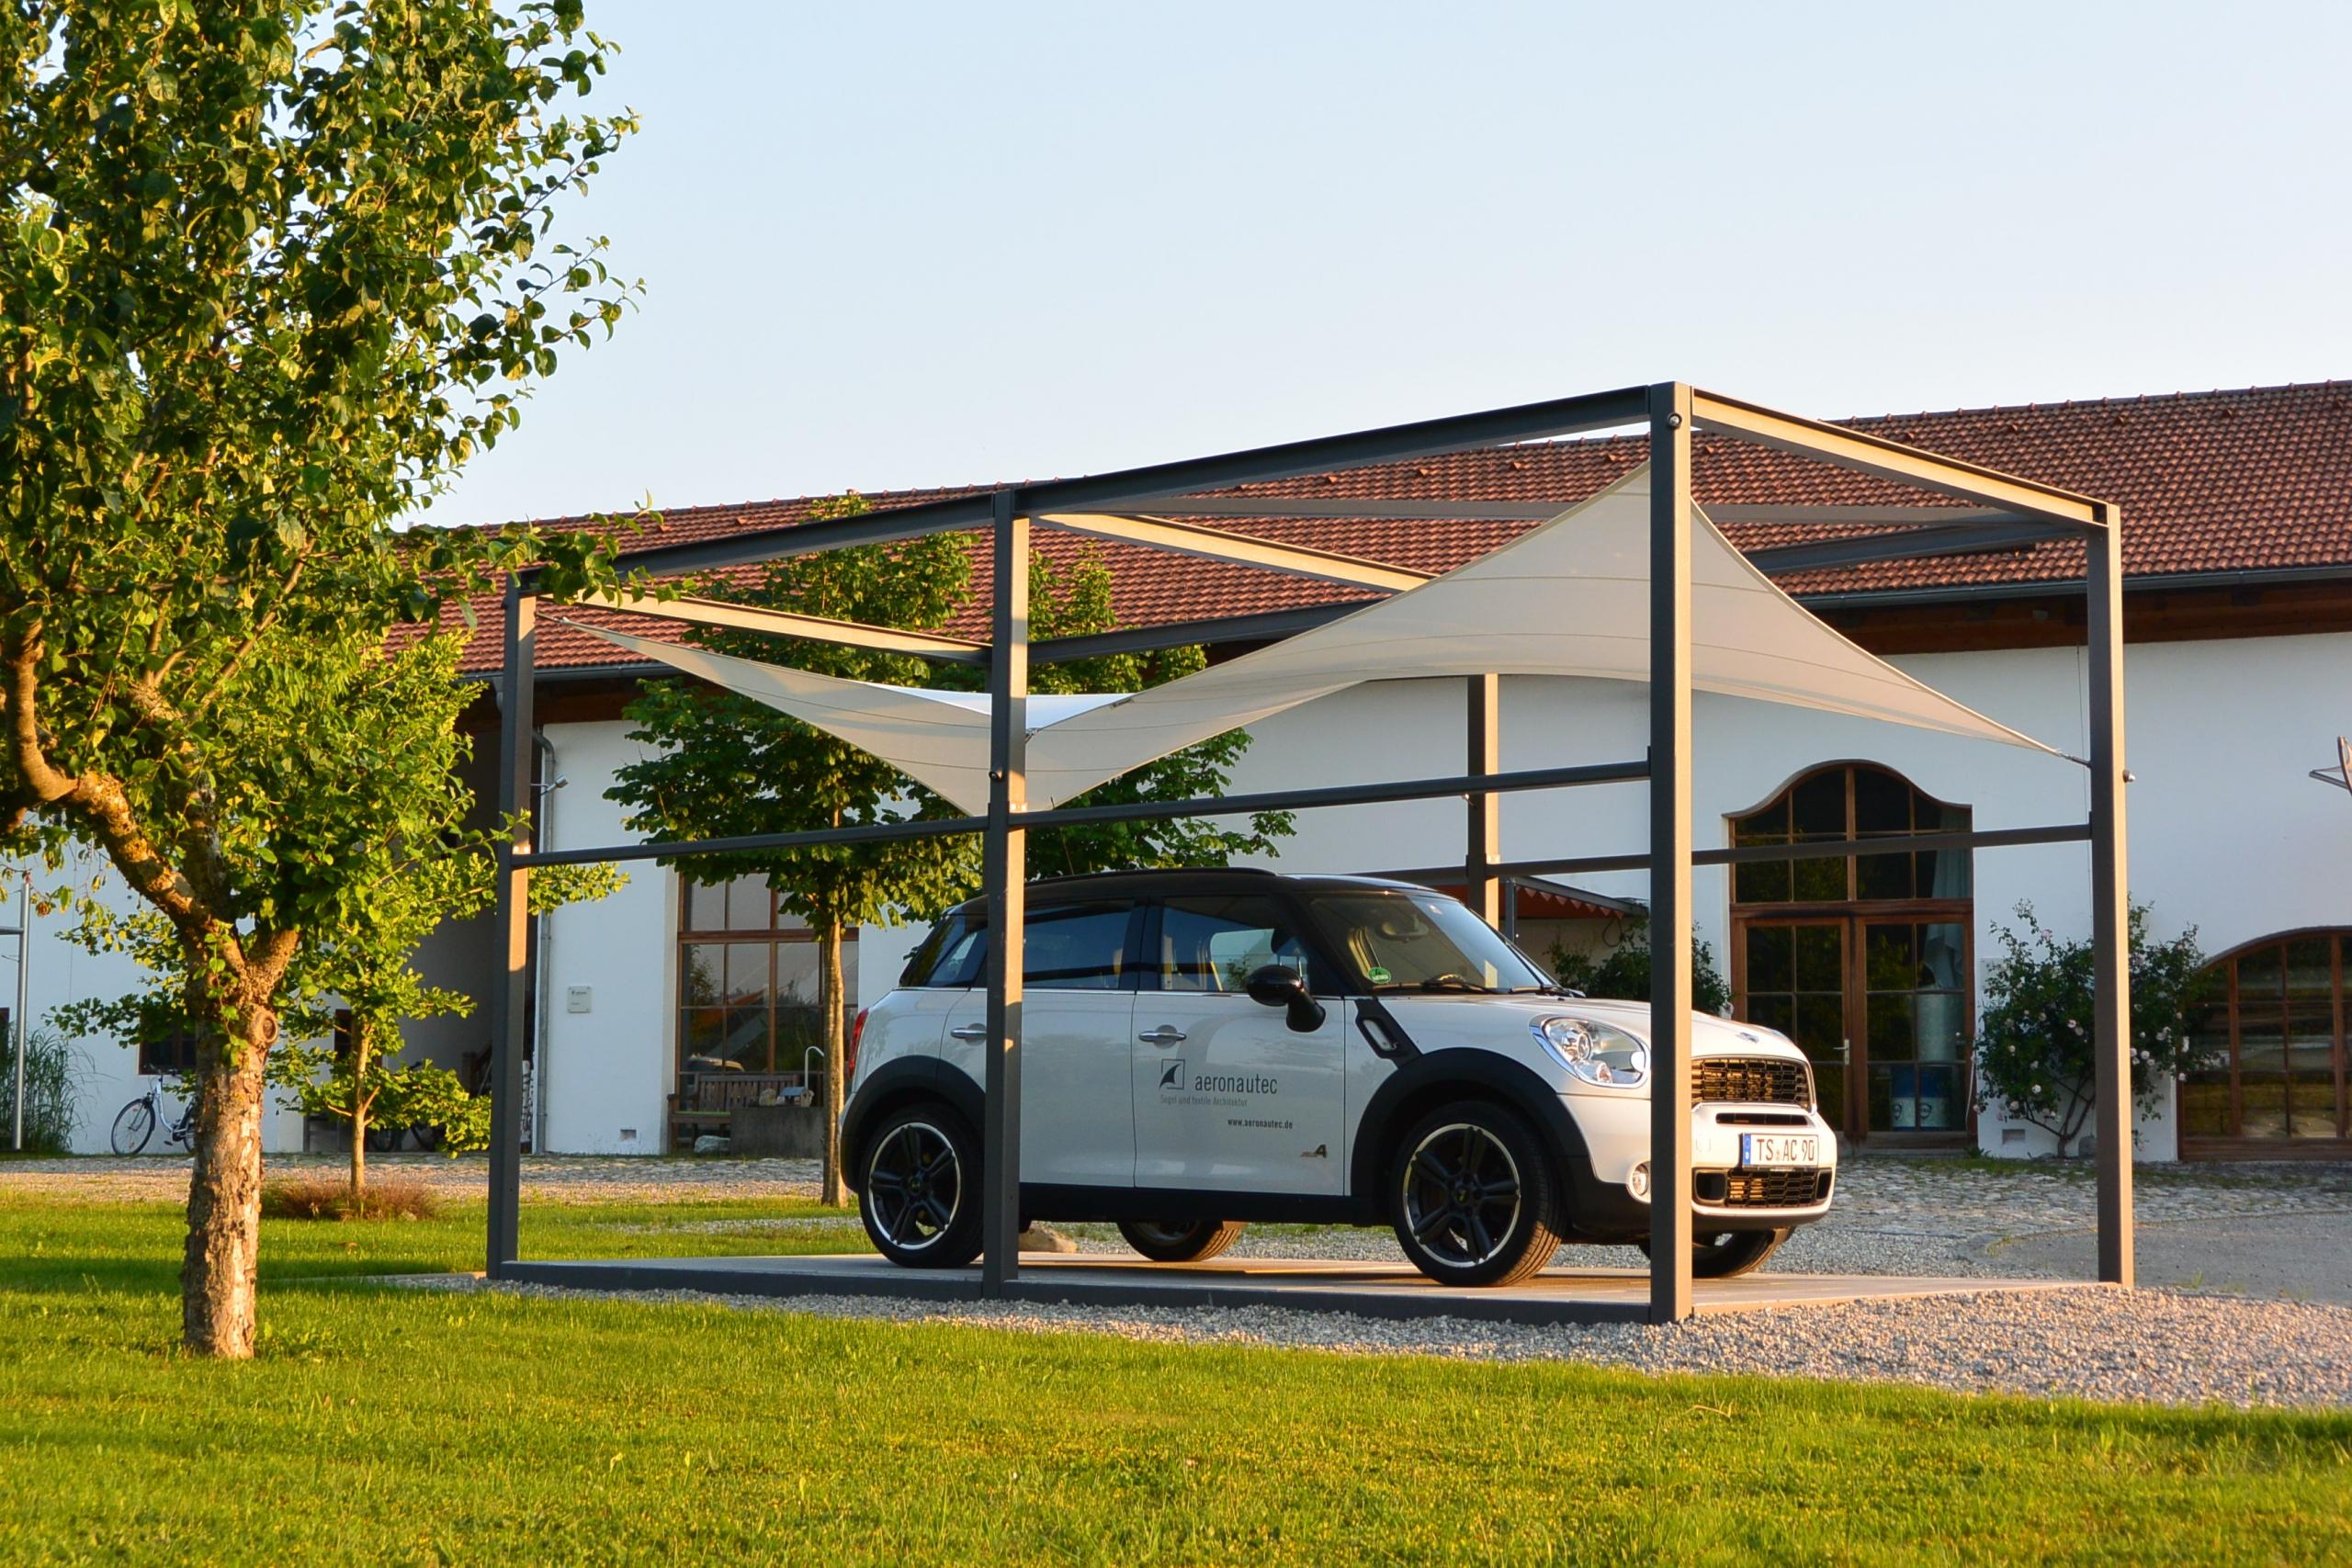 aeronautec Kubus- Sonnensegel, Ganzjahressegel- wasserdicht, schneefest & sturmsicher, Carport BMW